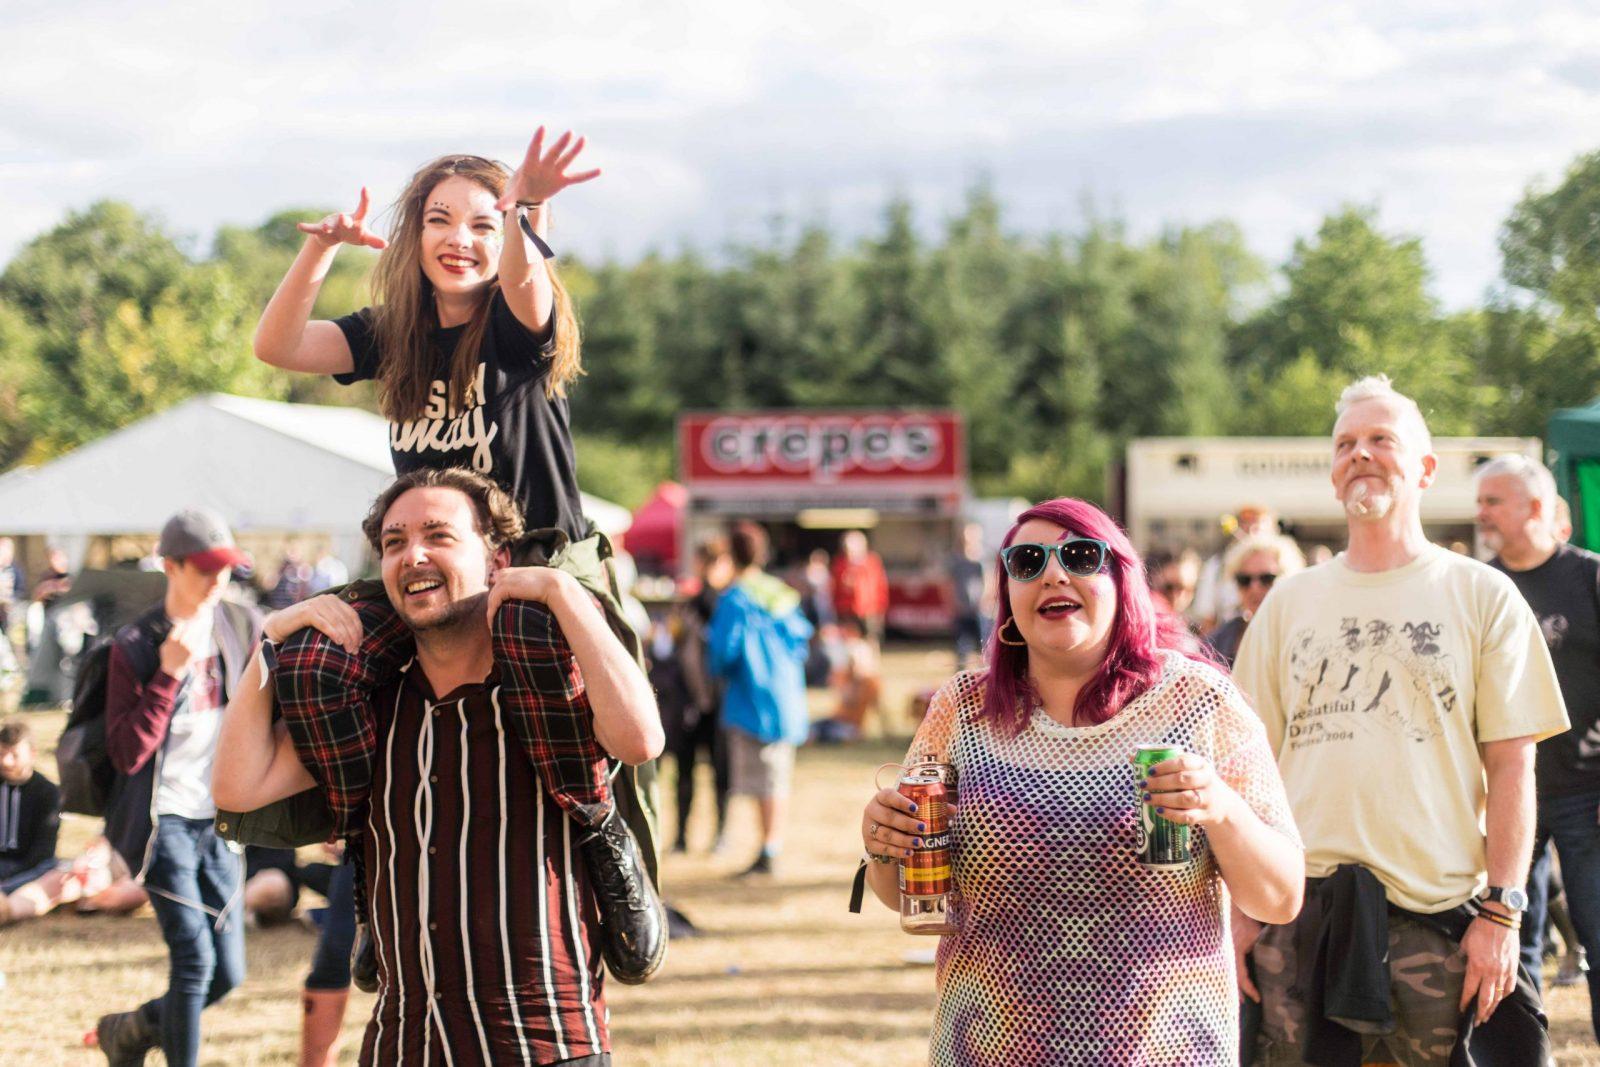 Sunflowerfest 2018 - Tubby's Farm, Music, Event Photography, cmcguigan photography, Chris McGuigan Photography, Belfast Photographer